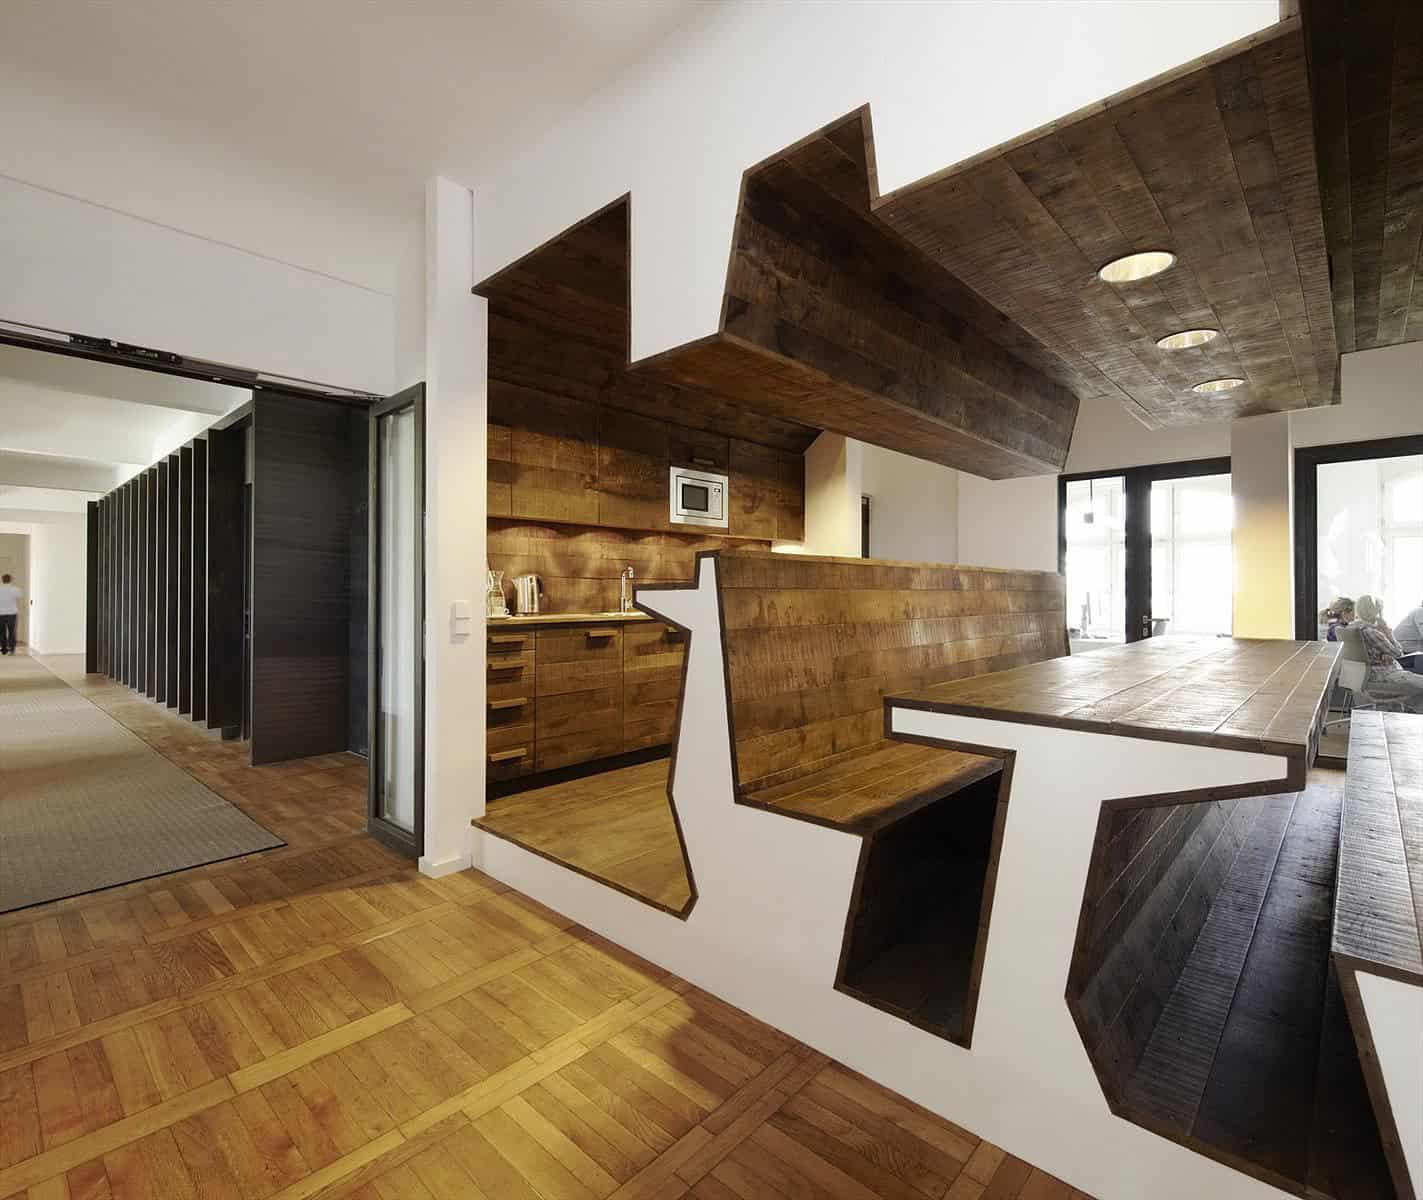 von Matt office by Stephen Williams Associates